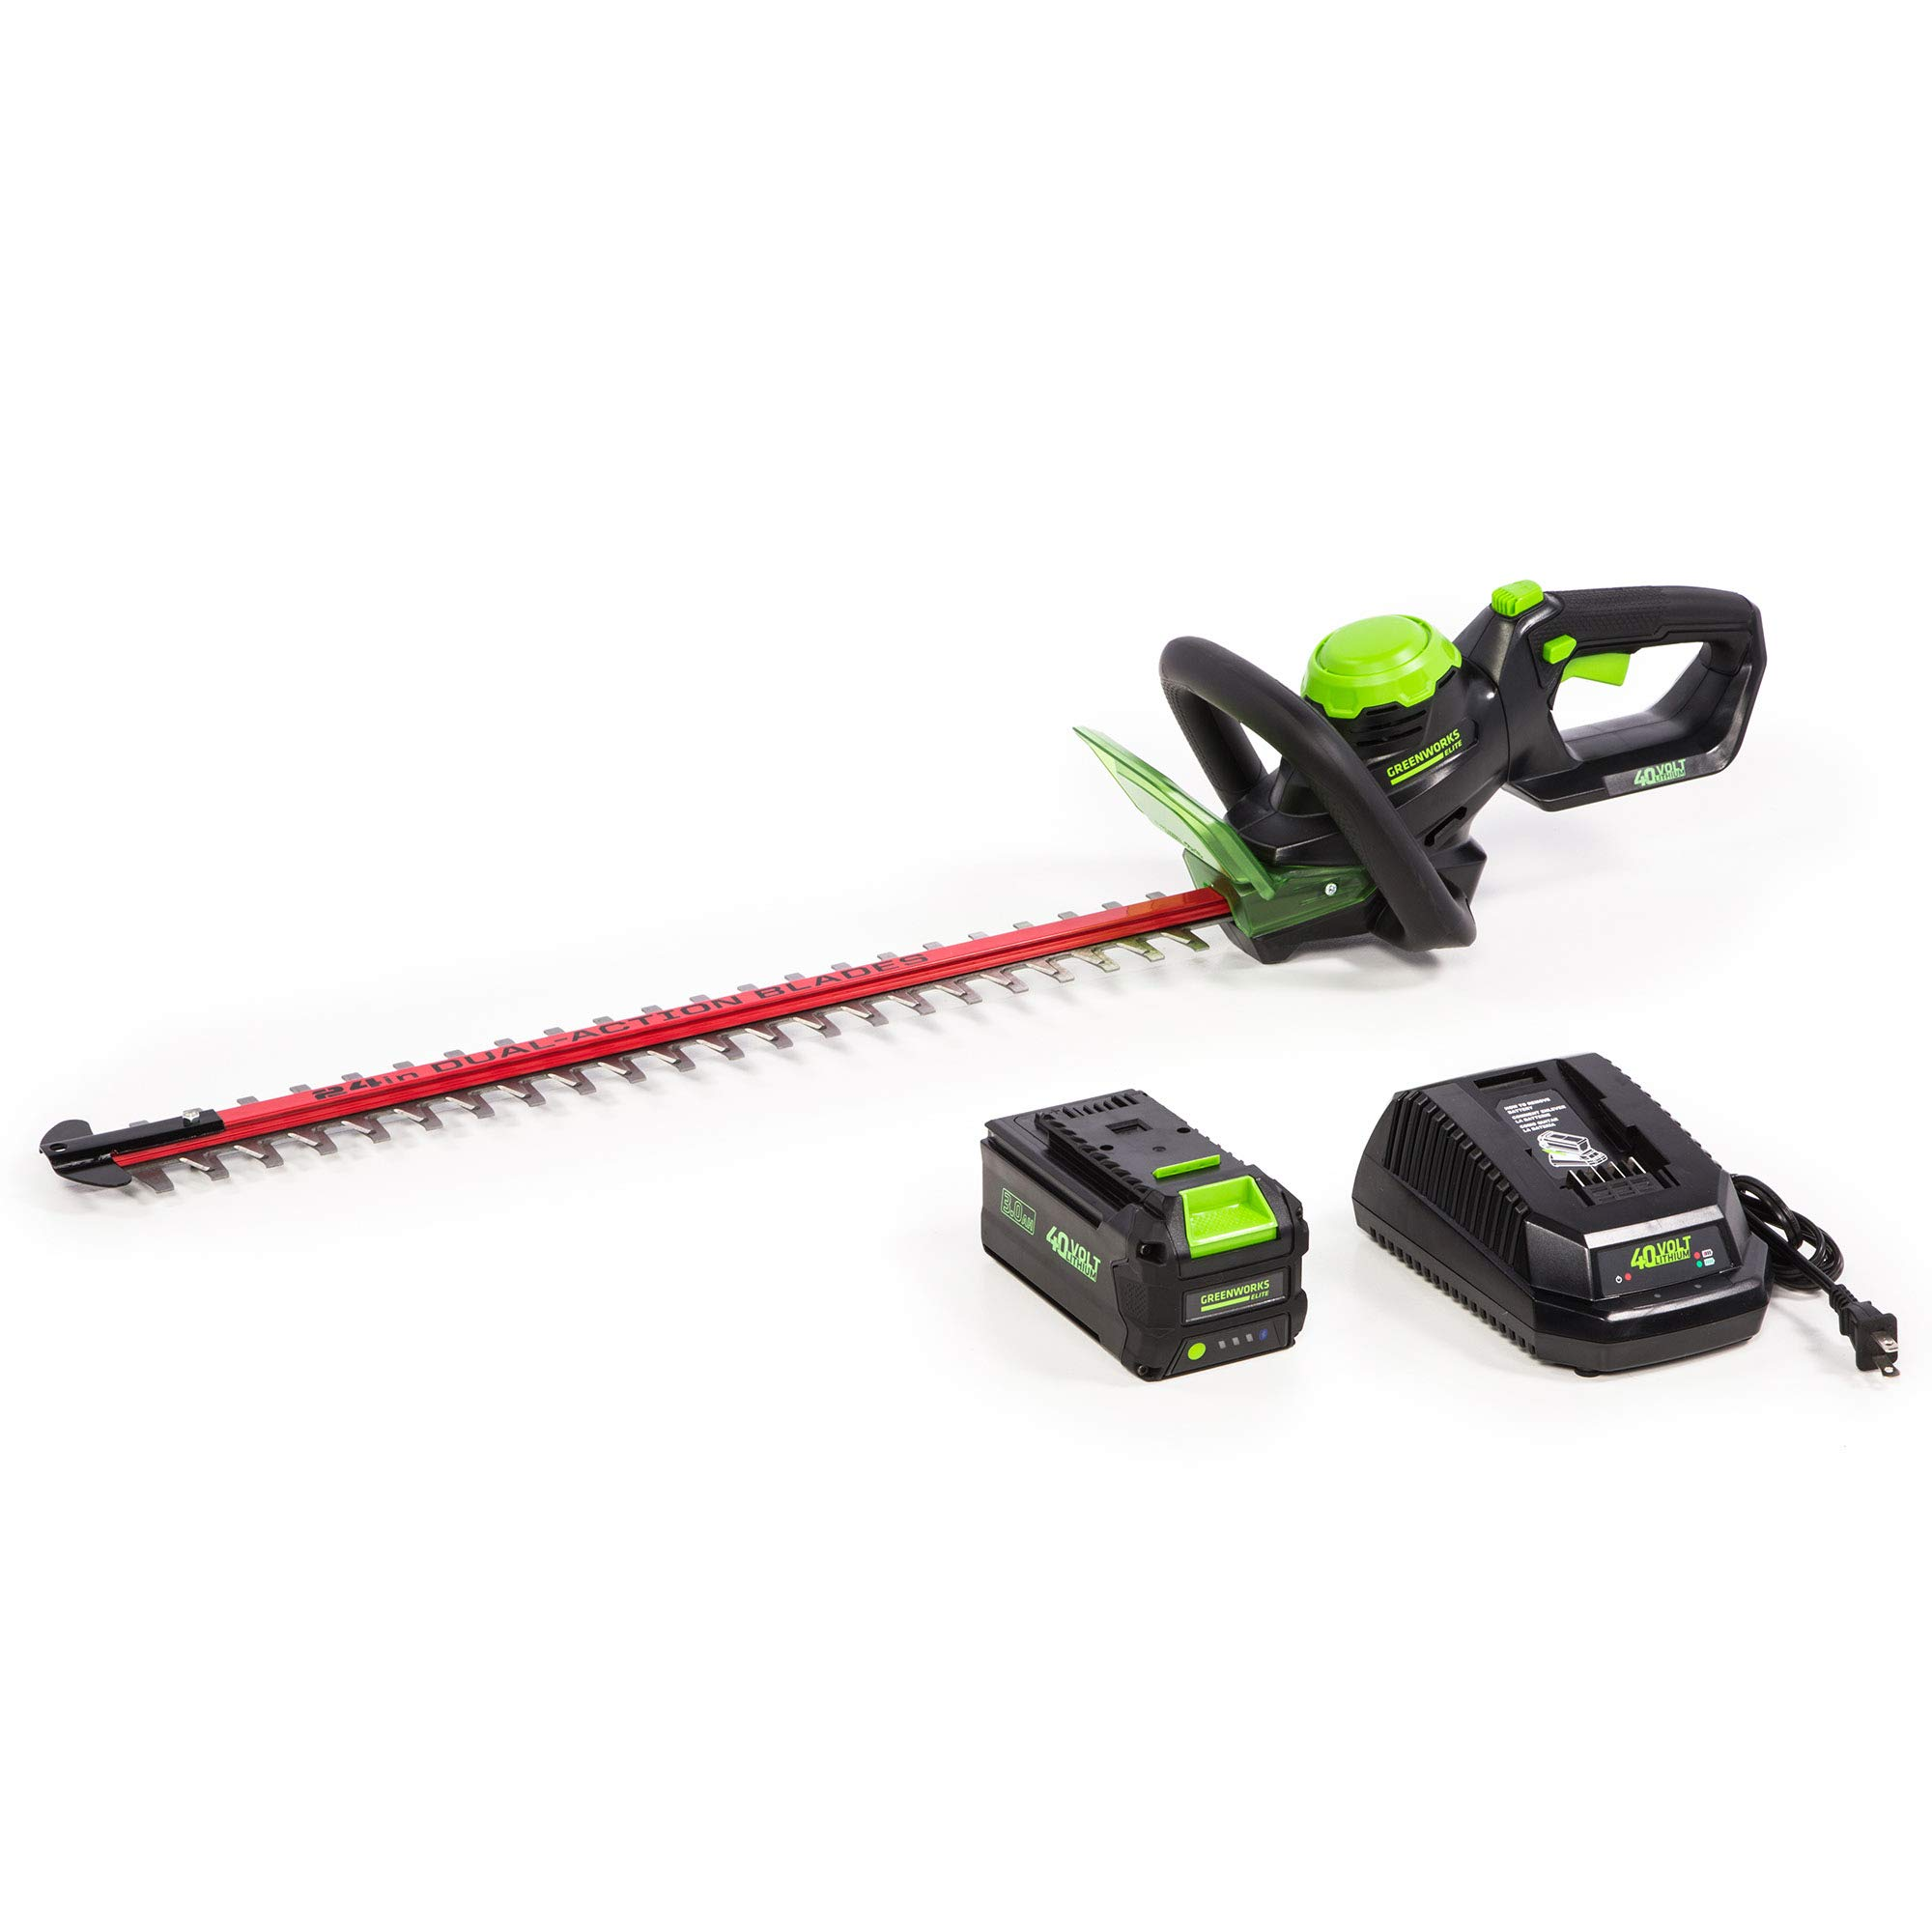 Greenworks 24-Inch 40V Cordless Hedge Trimmer, 3Ah Battery, HT-240